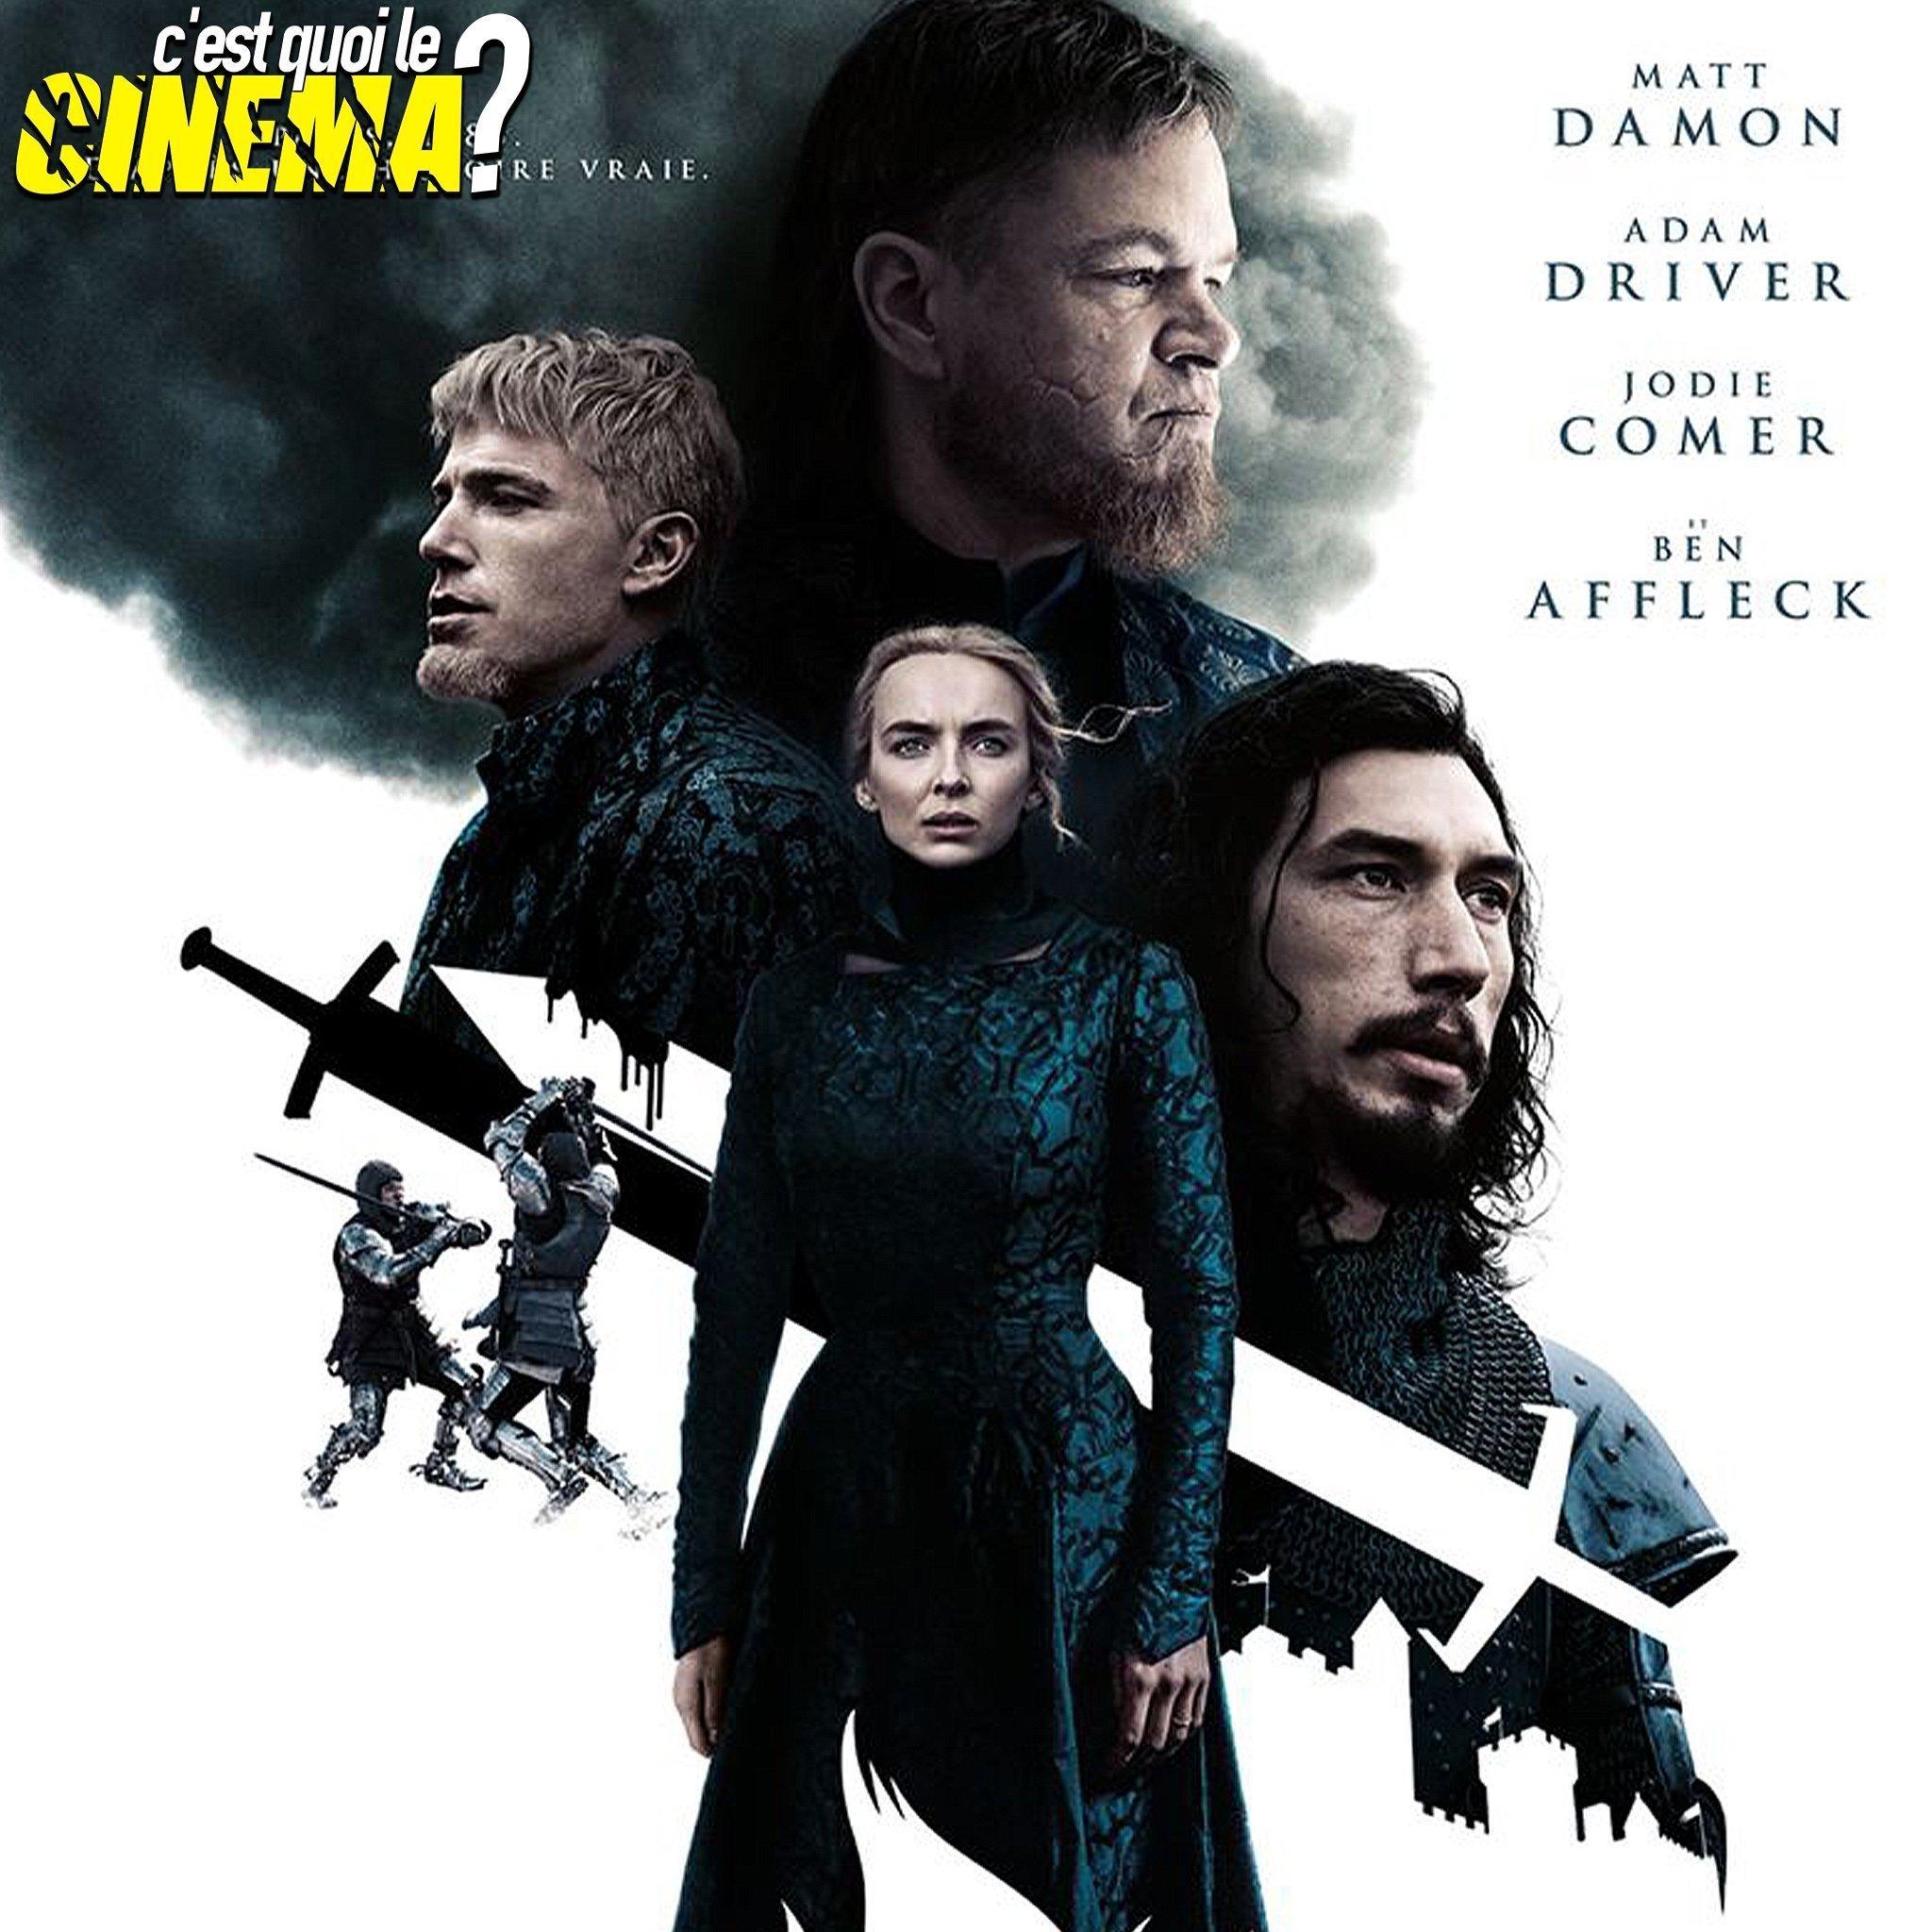 [CRITIQUE] Le Dernier Duel – Celui de Ridley Scott face aux illusions